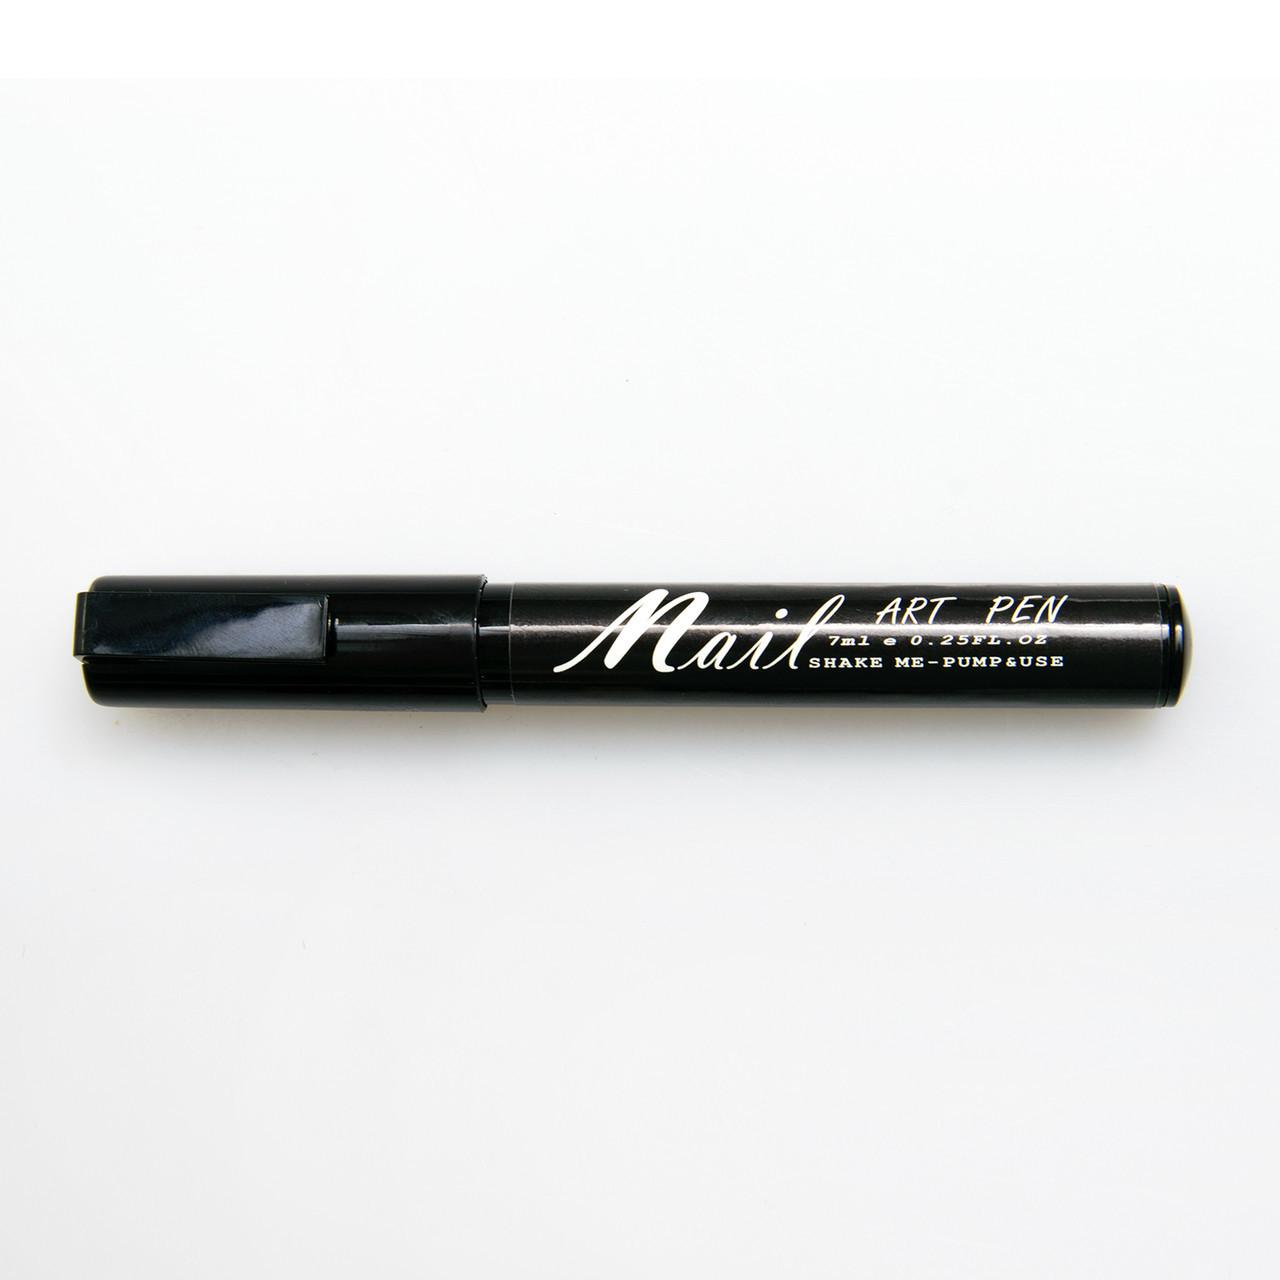 Карандаш-маркер Nail Art Pen с акриловой краской для рисования, дизайна на ногтях, цвет черный